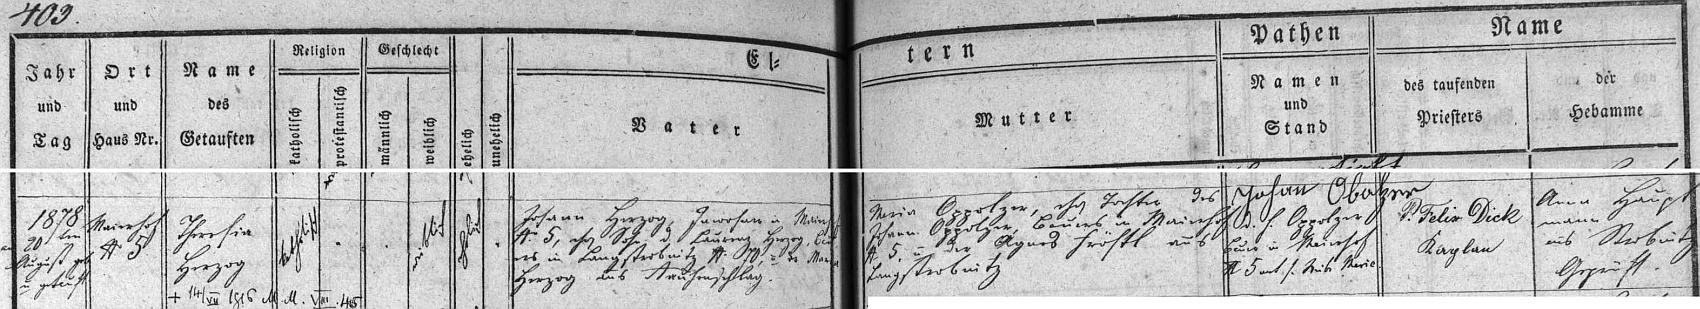 Záznam hornostropnické křestní matriky o narození Theresie Herzogové v Meierhofu (Humenice) s pozdějším přípisem o jejím úmrtí